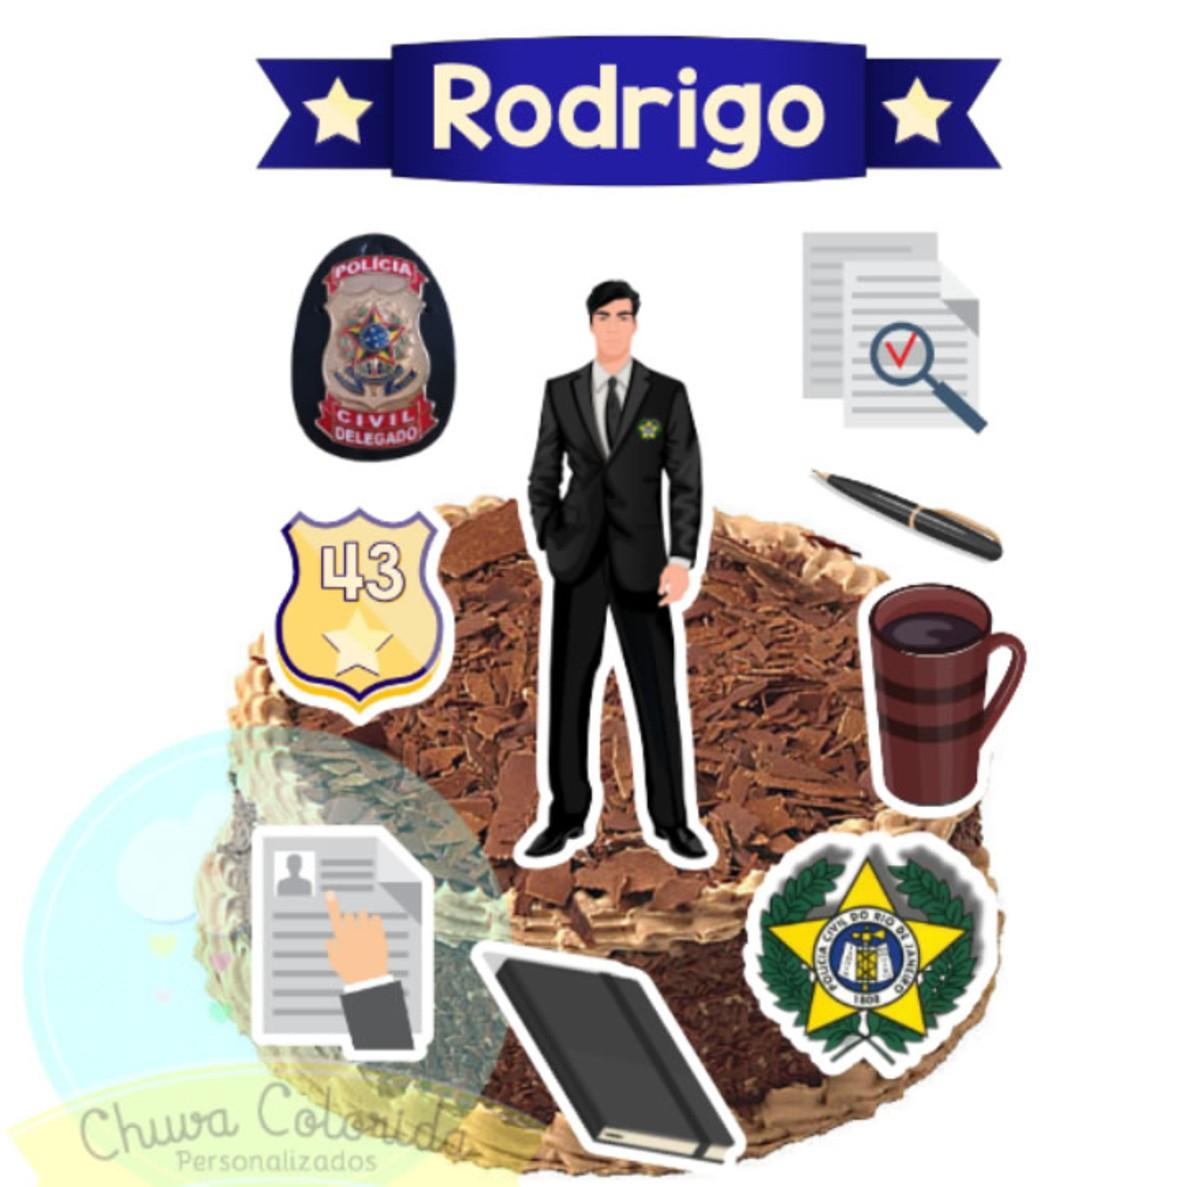 Topo De Bolo Scrap Topper De Bolo Policia Delegado No Elo7 Chuva